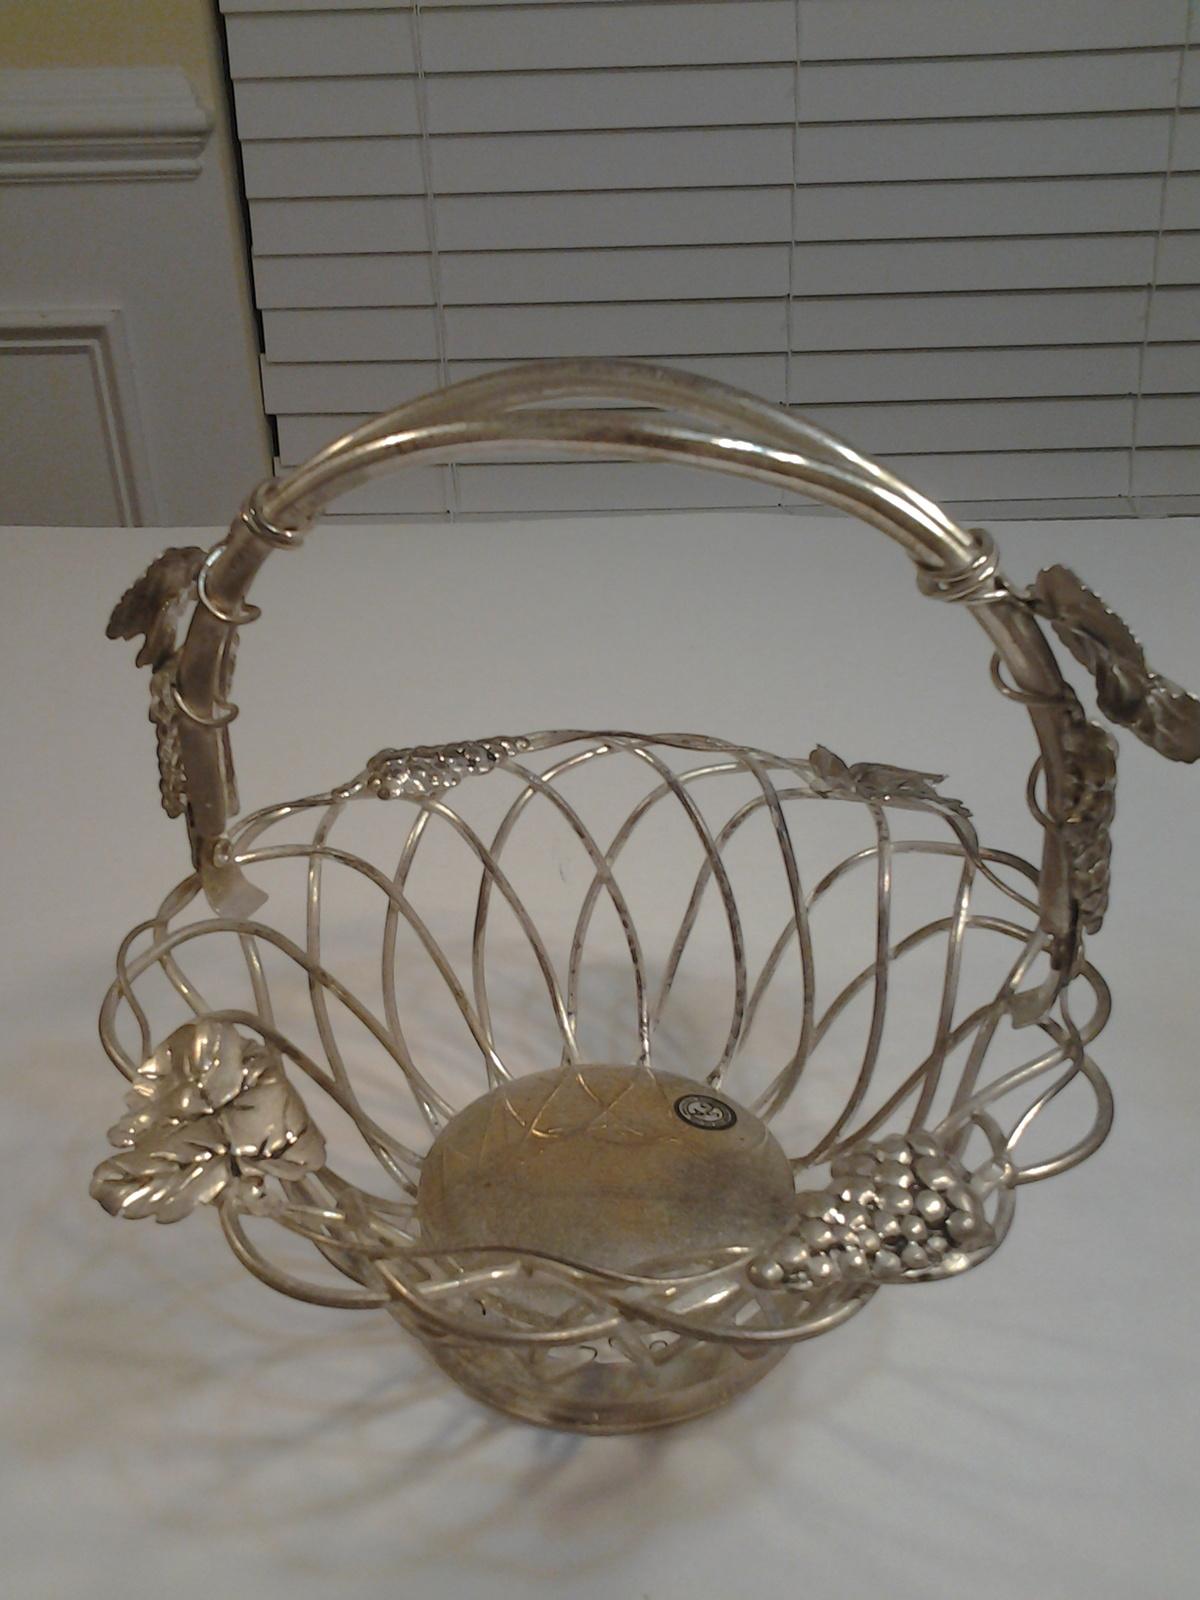 Godinger Silver Art Co Basket : Godinger silver art grape fruit basket with handle